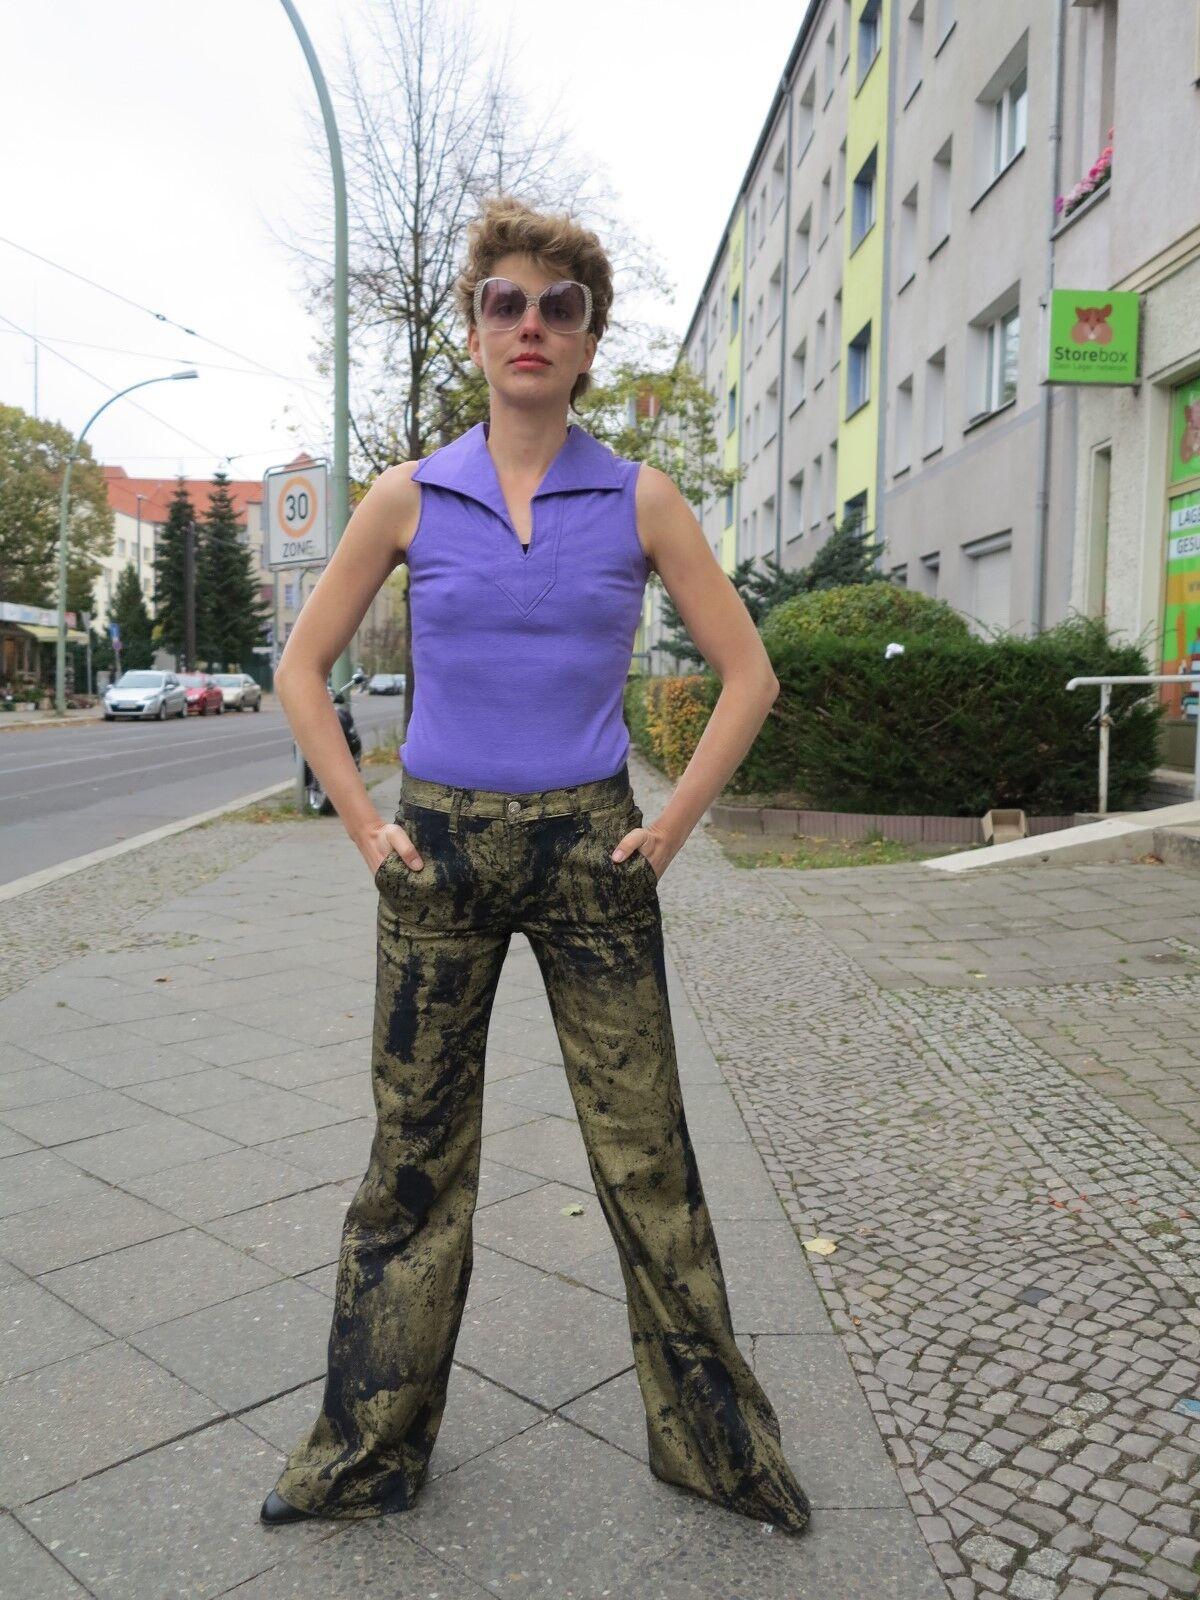 Lucie Linden top Shirt Polo ärmellos 38 purple 90er TRUE VINTAGE 90s t-shirt purplec